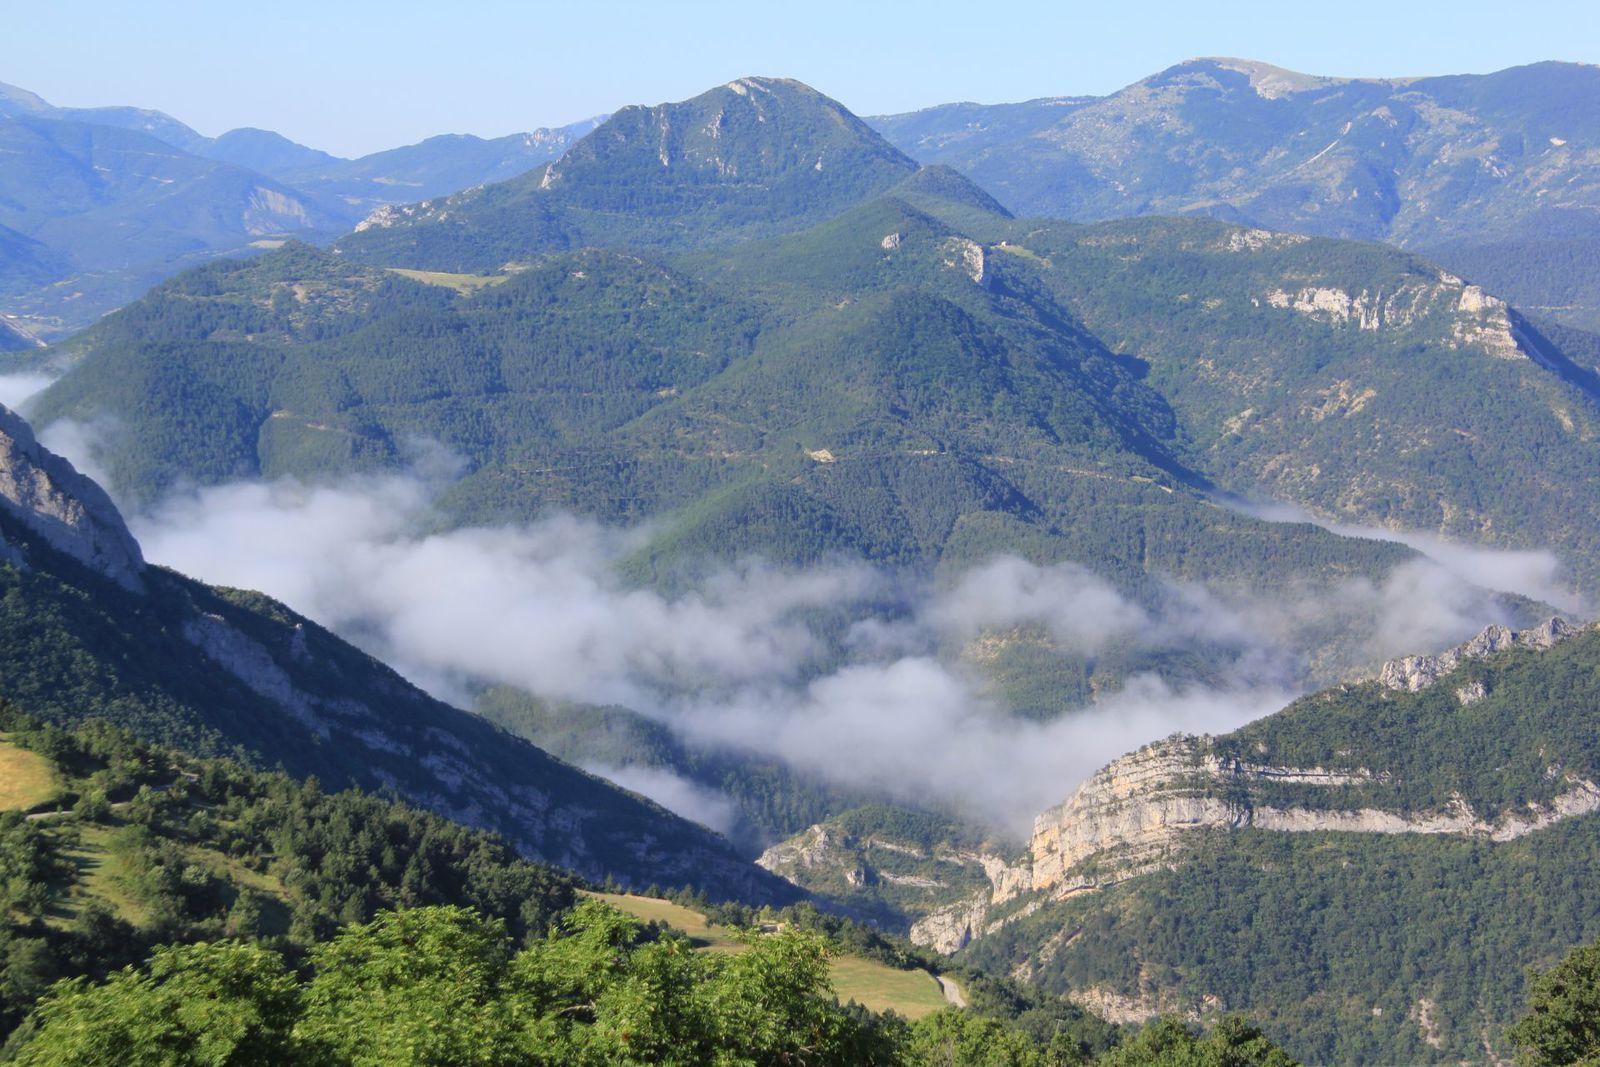 La richesse du panorama : Chabanat, Faraud et Couspeau.